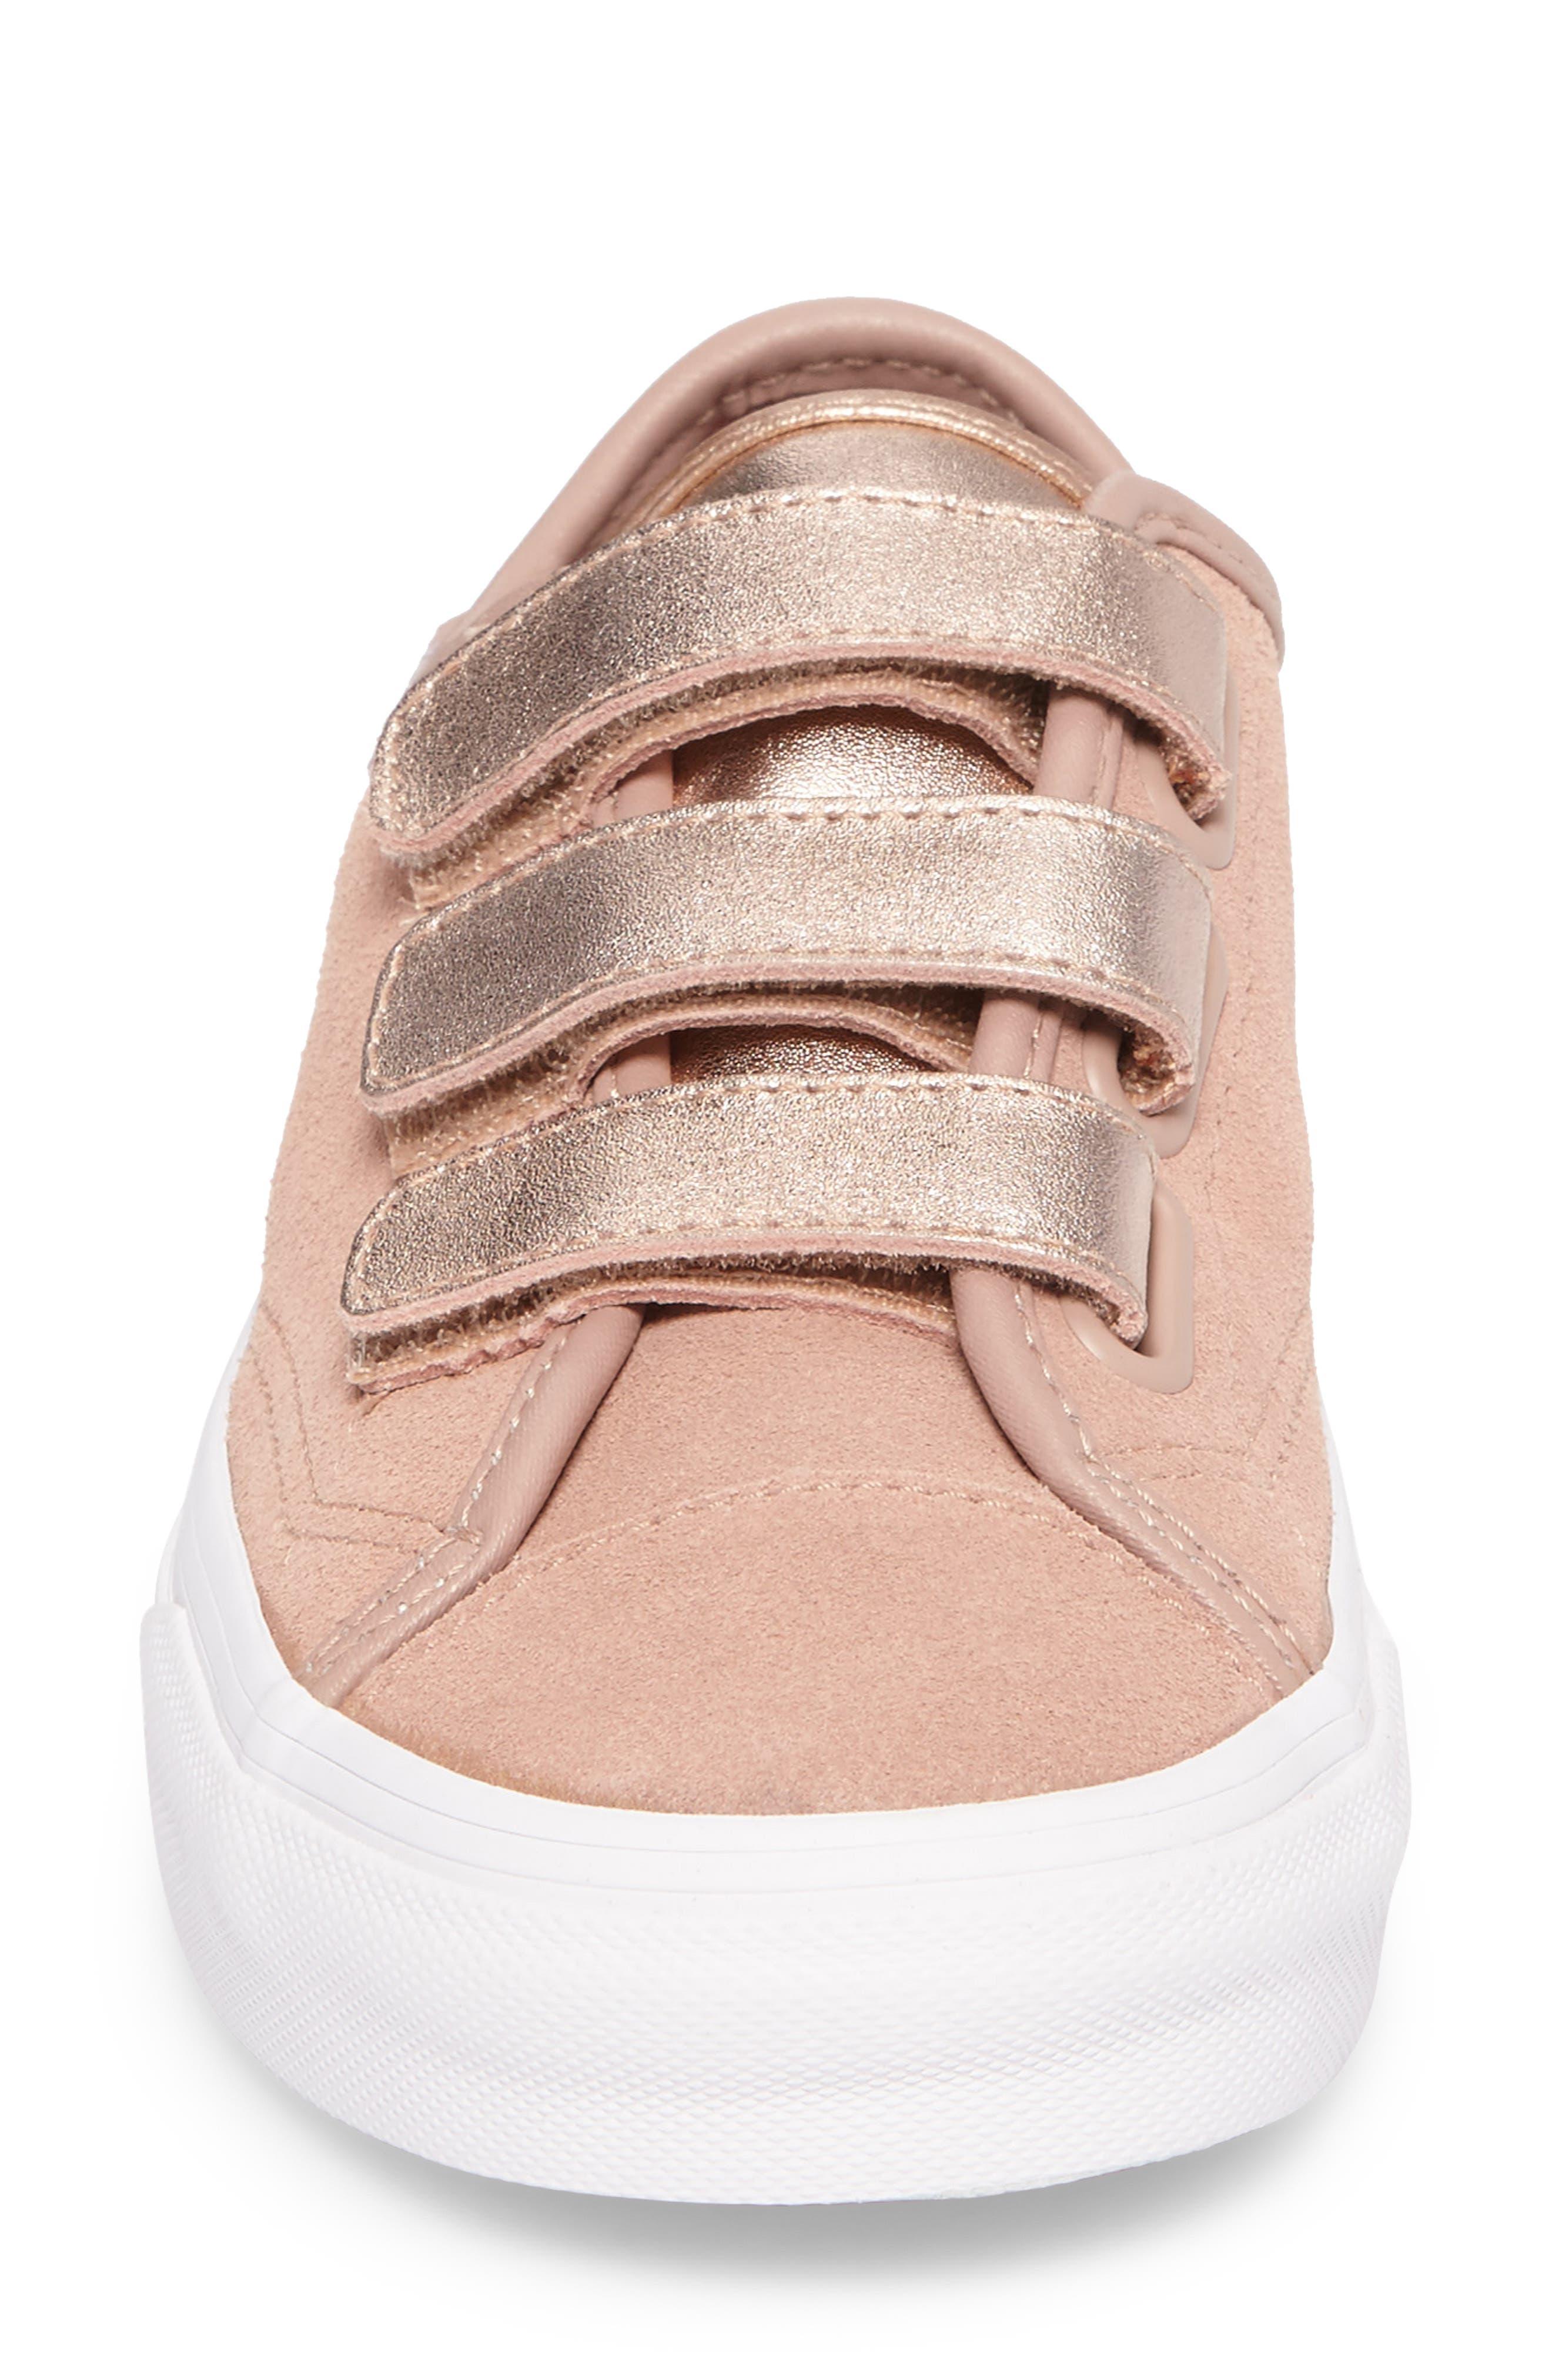 Style 23 V Sneaker,                             Alternate thumbnail 5, color,                             Mahogany Rose/ True White